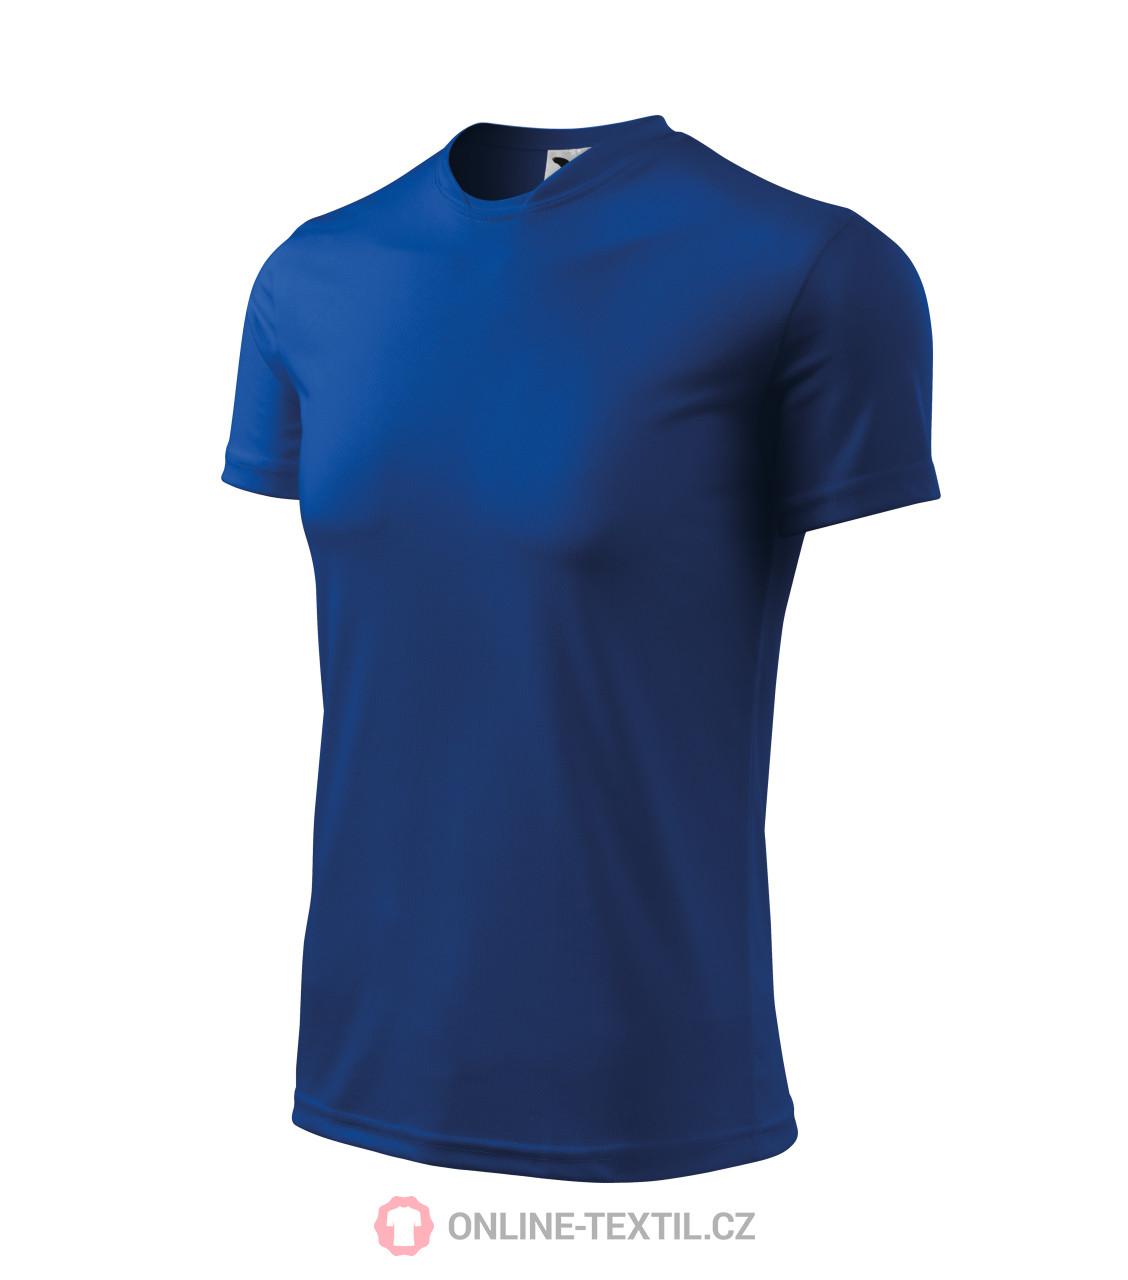 ADLER CZECH Dětské sportovní tričko Fantasy 147 - královská modrá z ... 66db226b1f